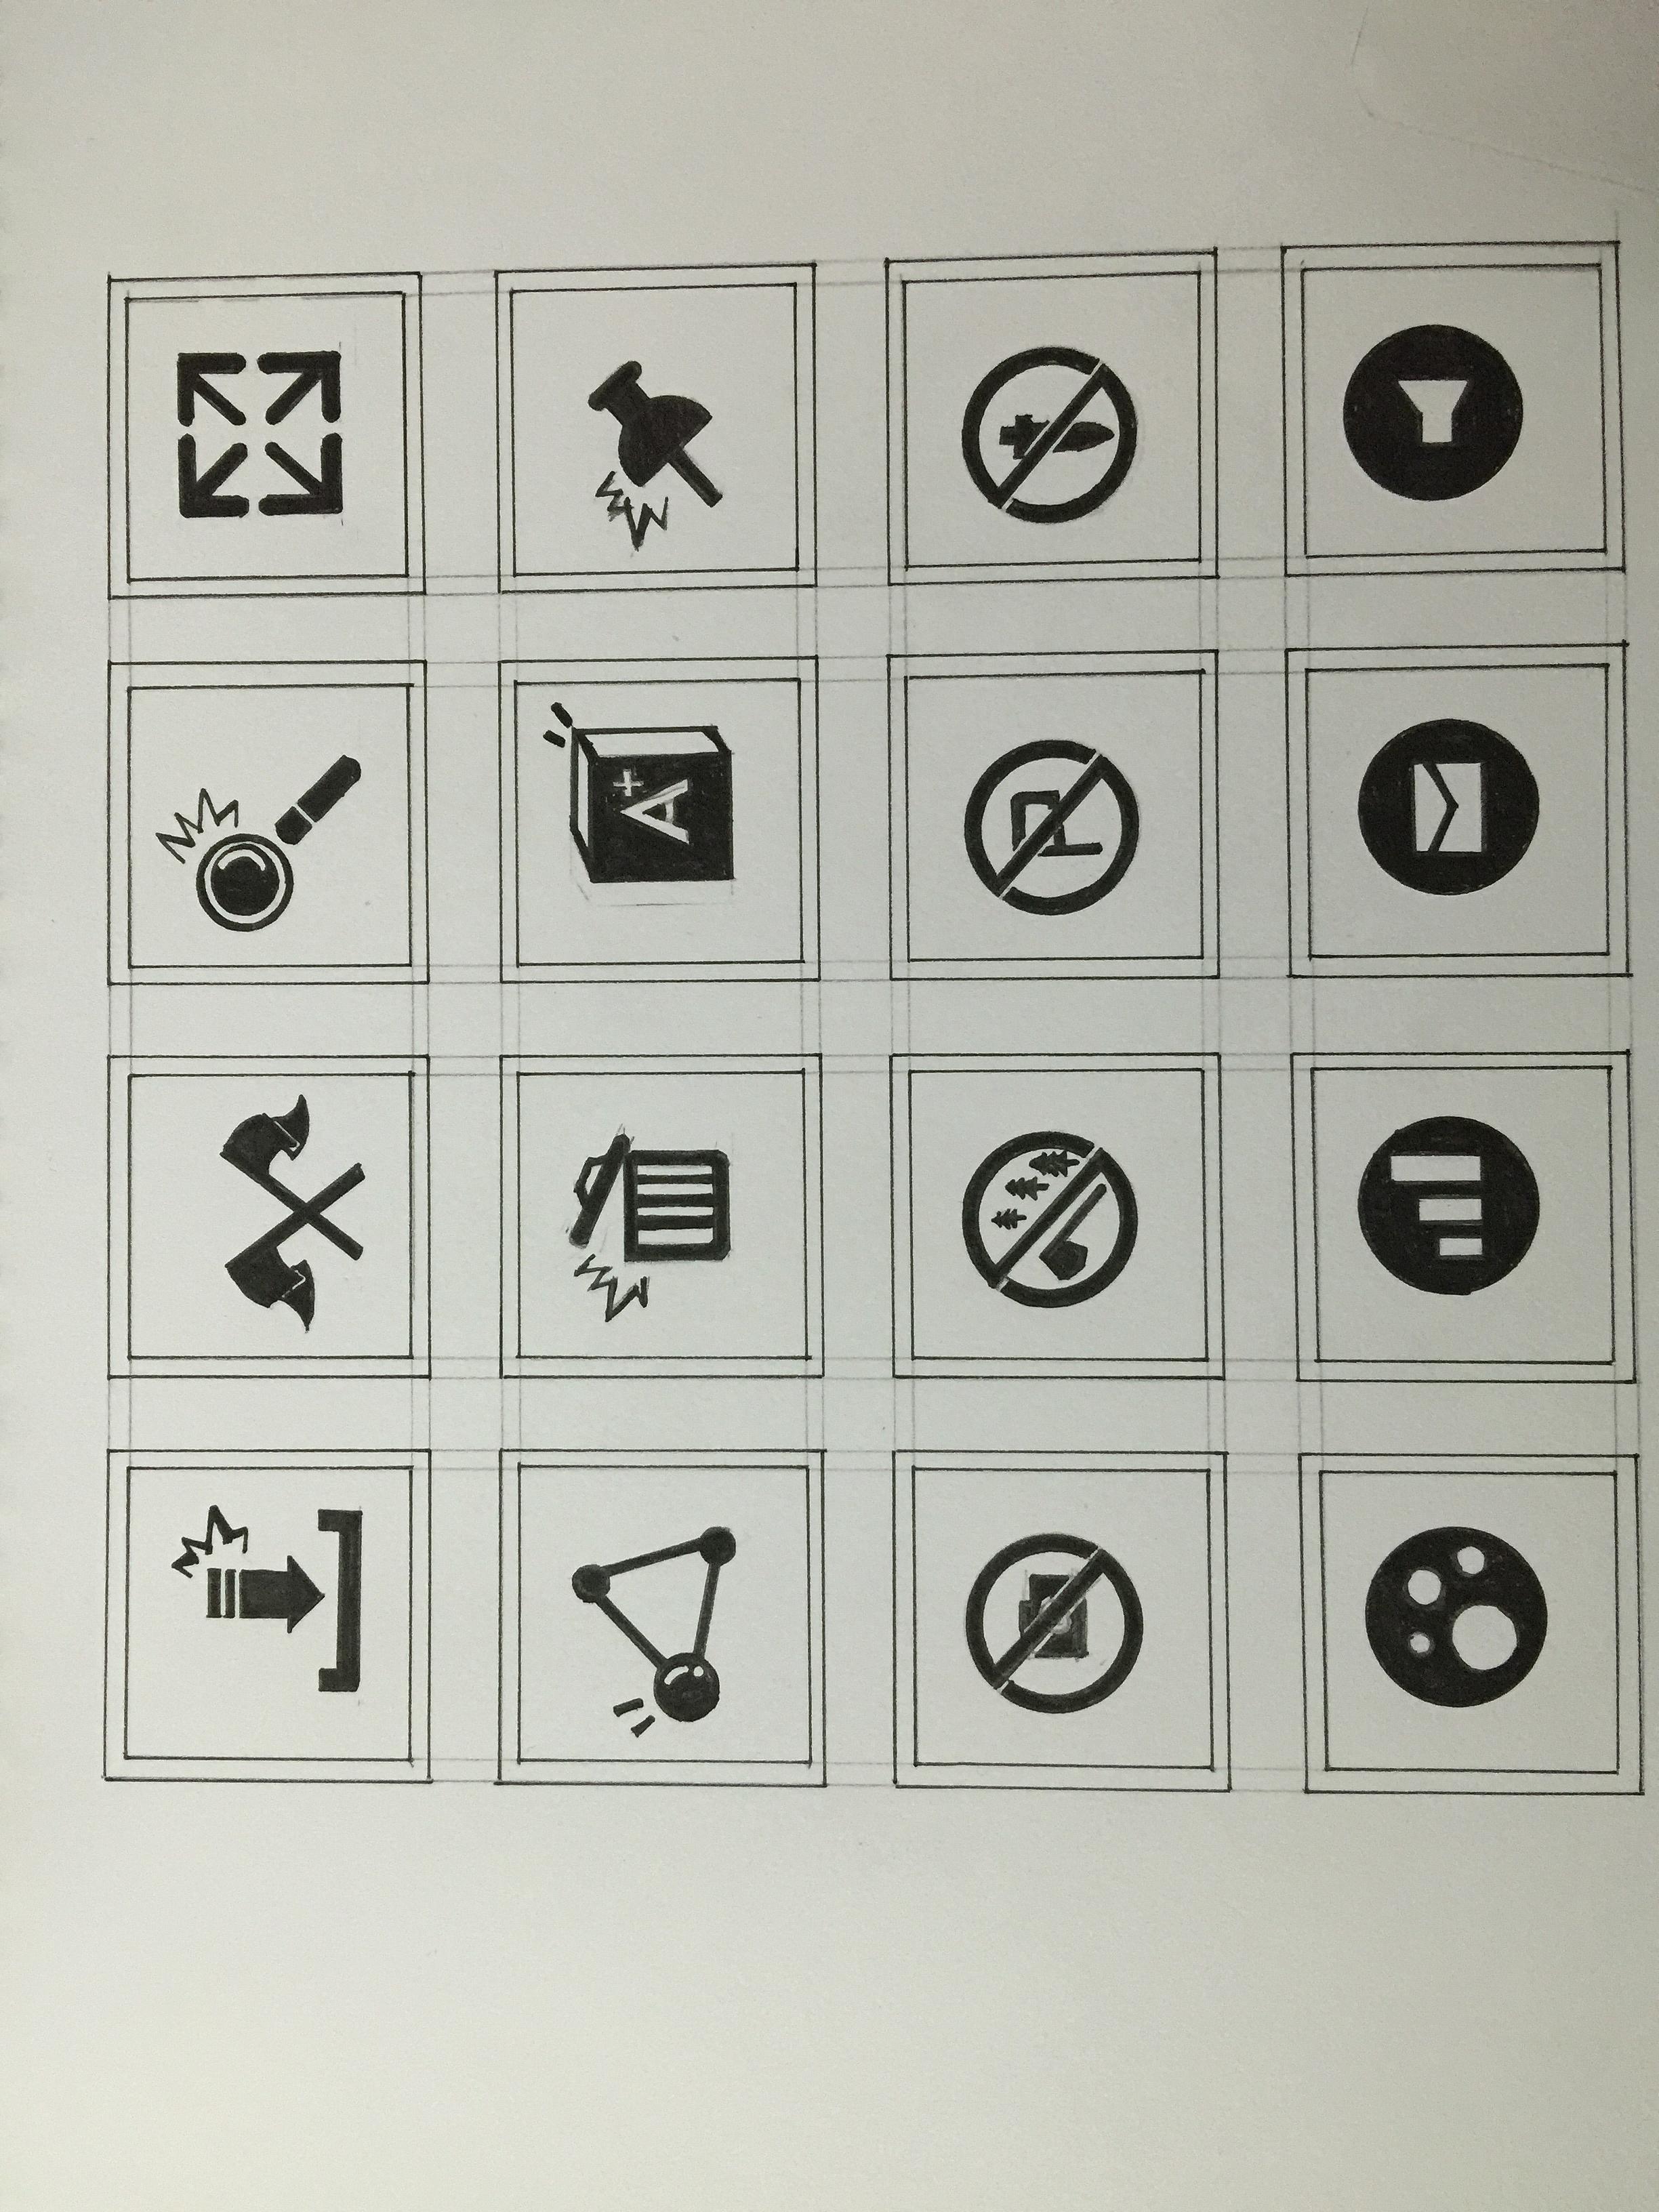 手绘图标|ui|图标|yingzi1016 - 原创作品 - 站酷